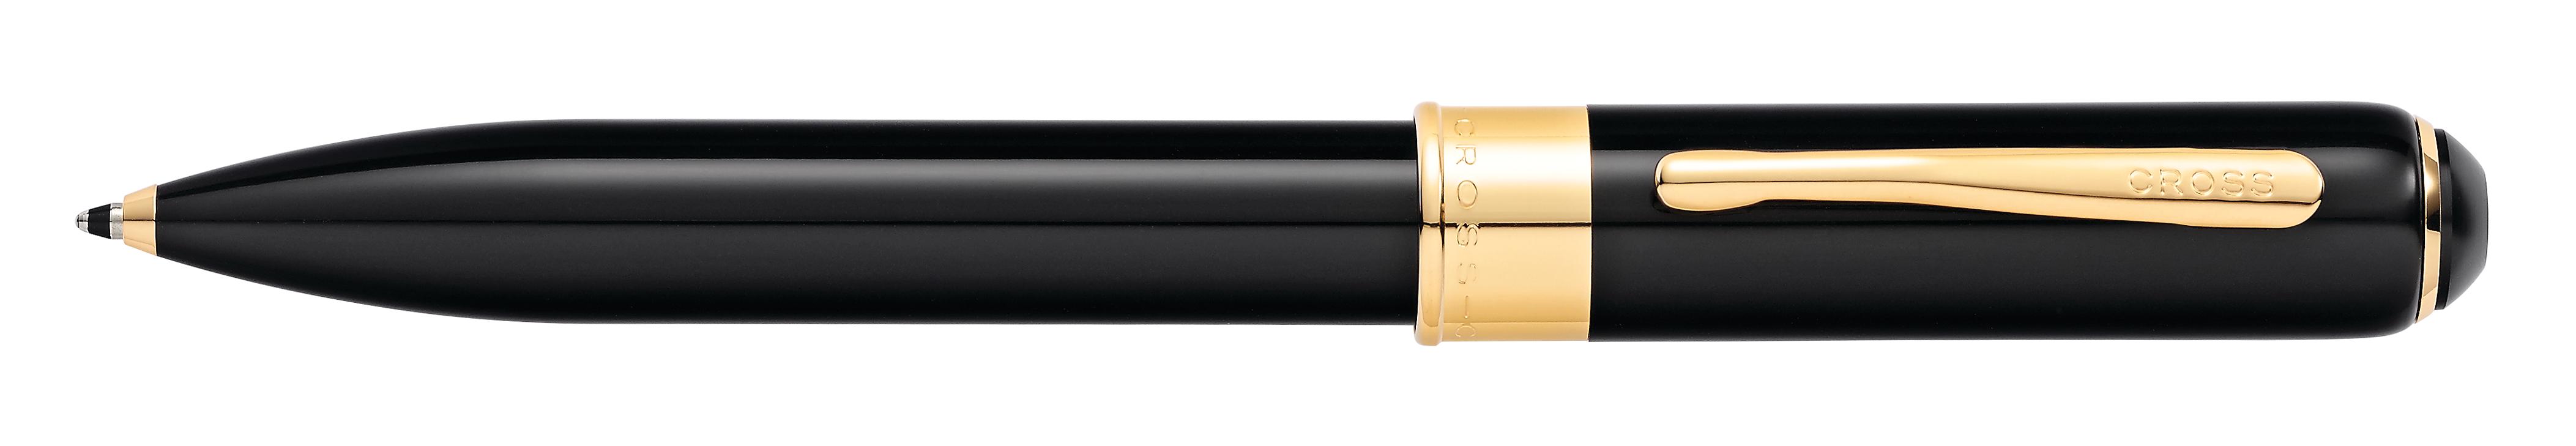 Cross TrackR Black Lacquer Ballpoint Pen